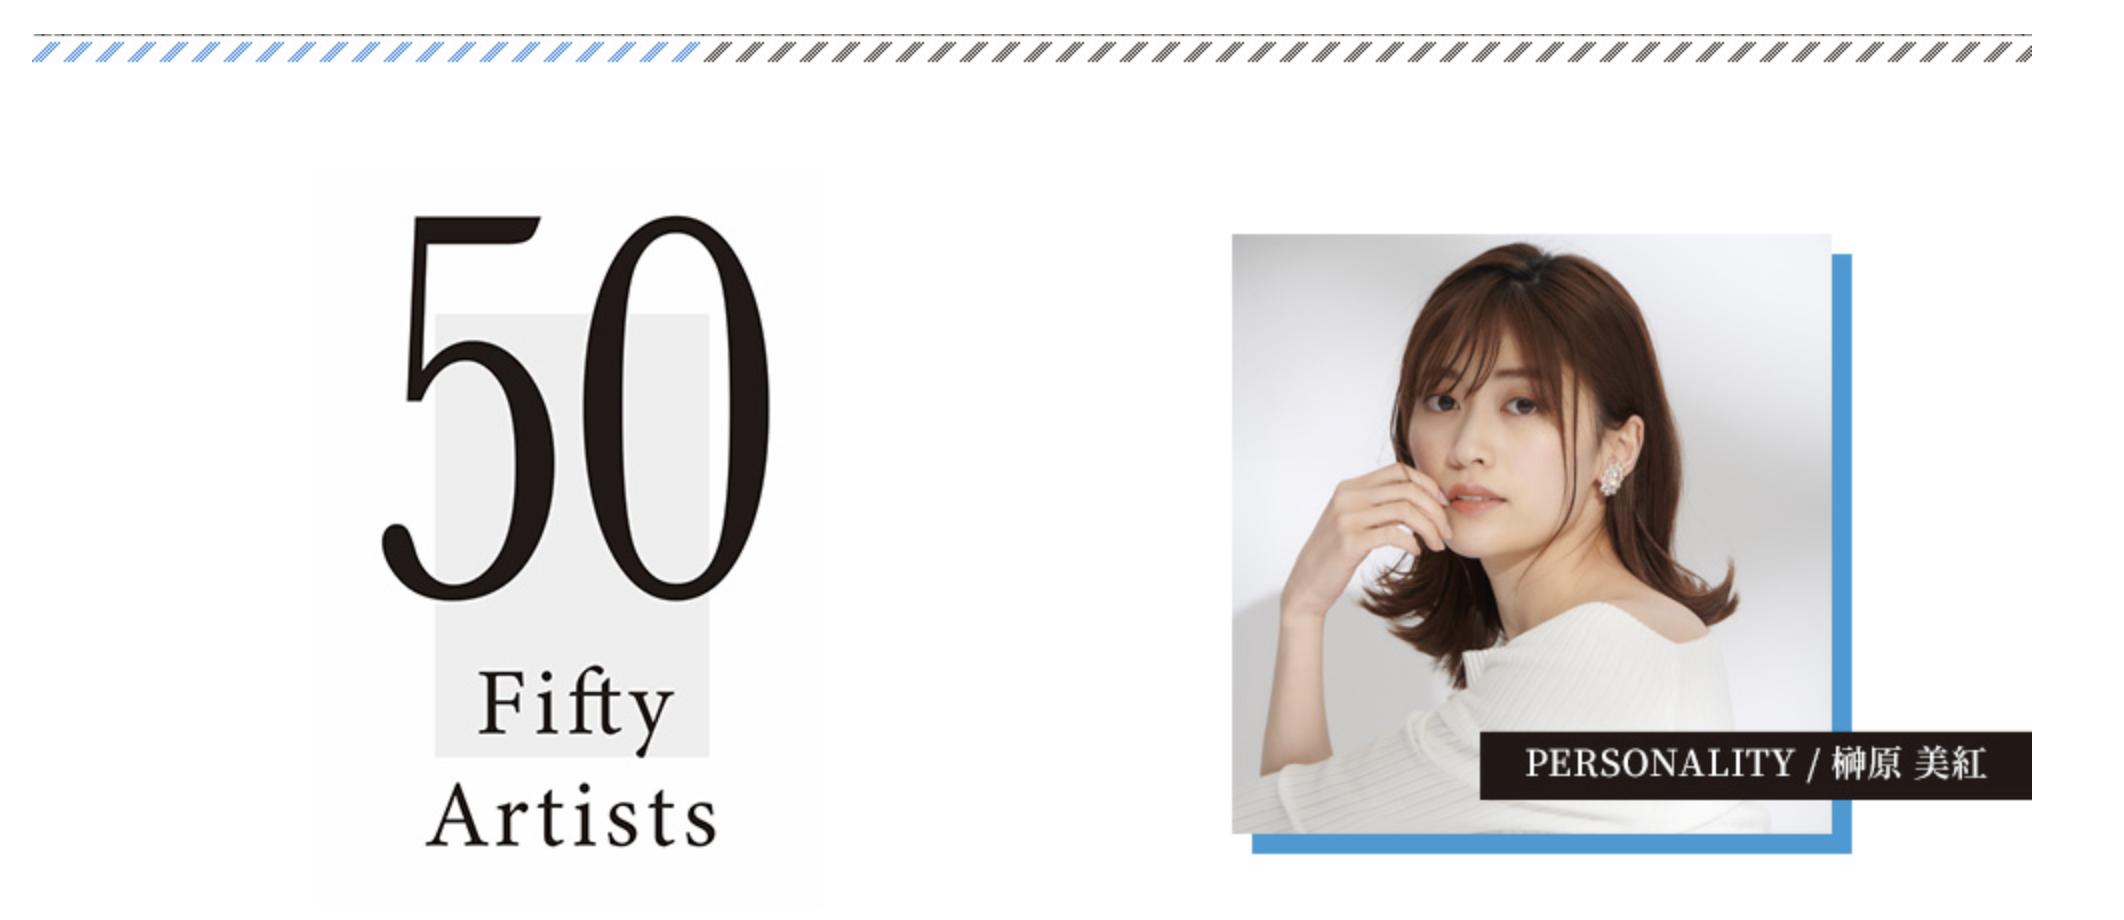 50 artists TOKYOFM